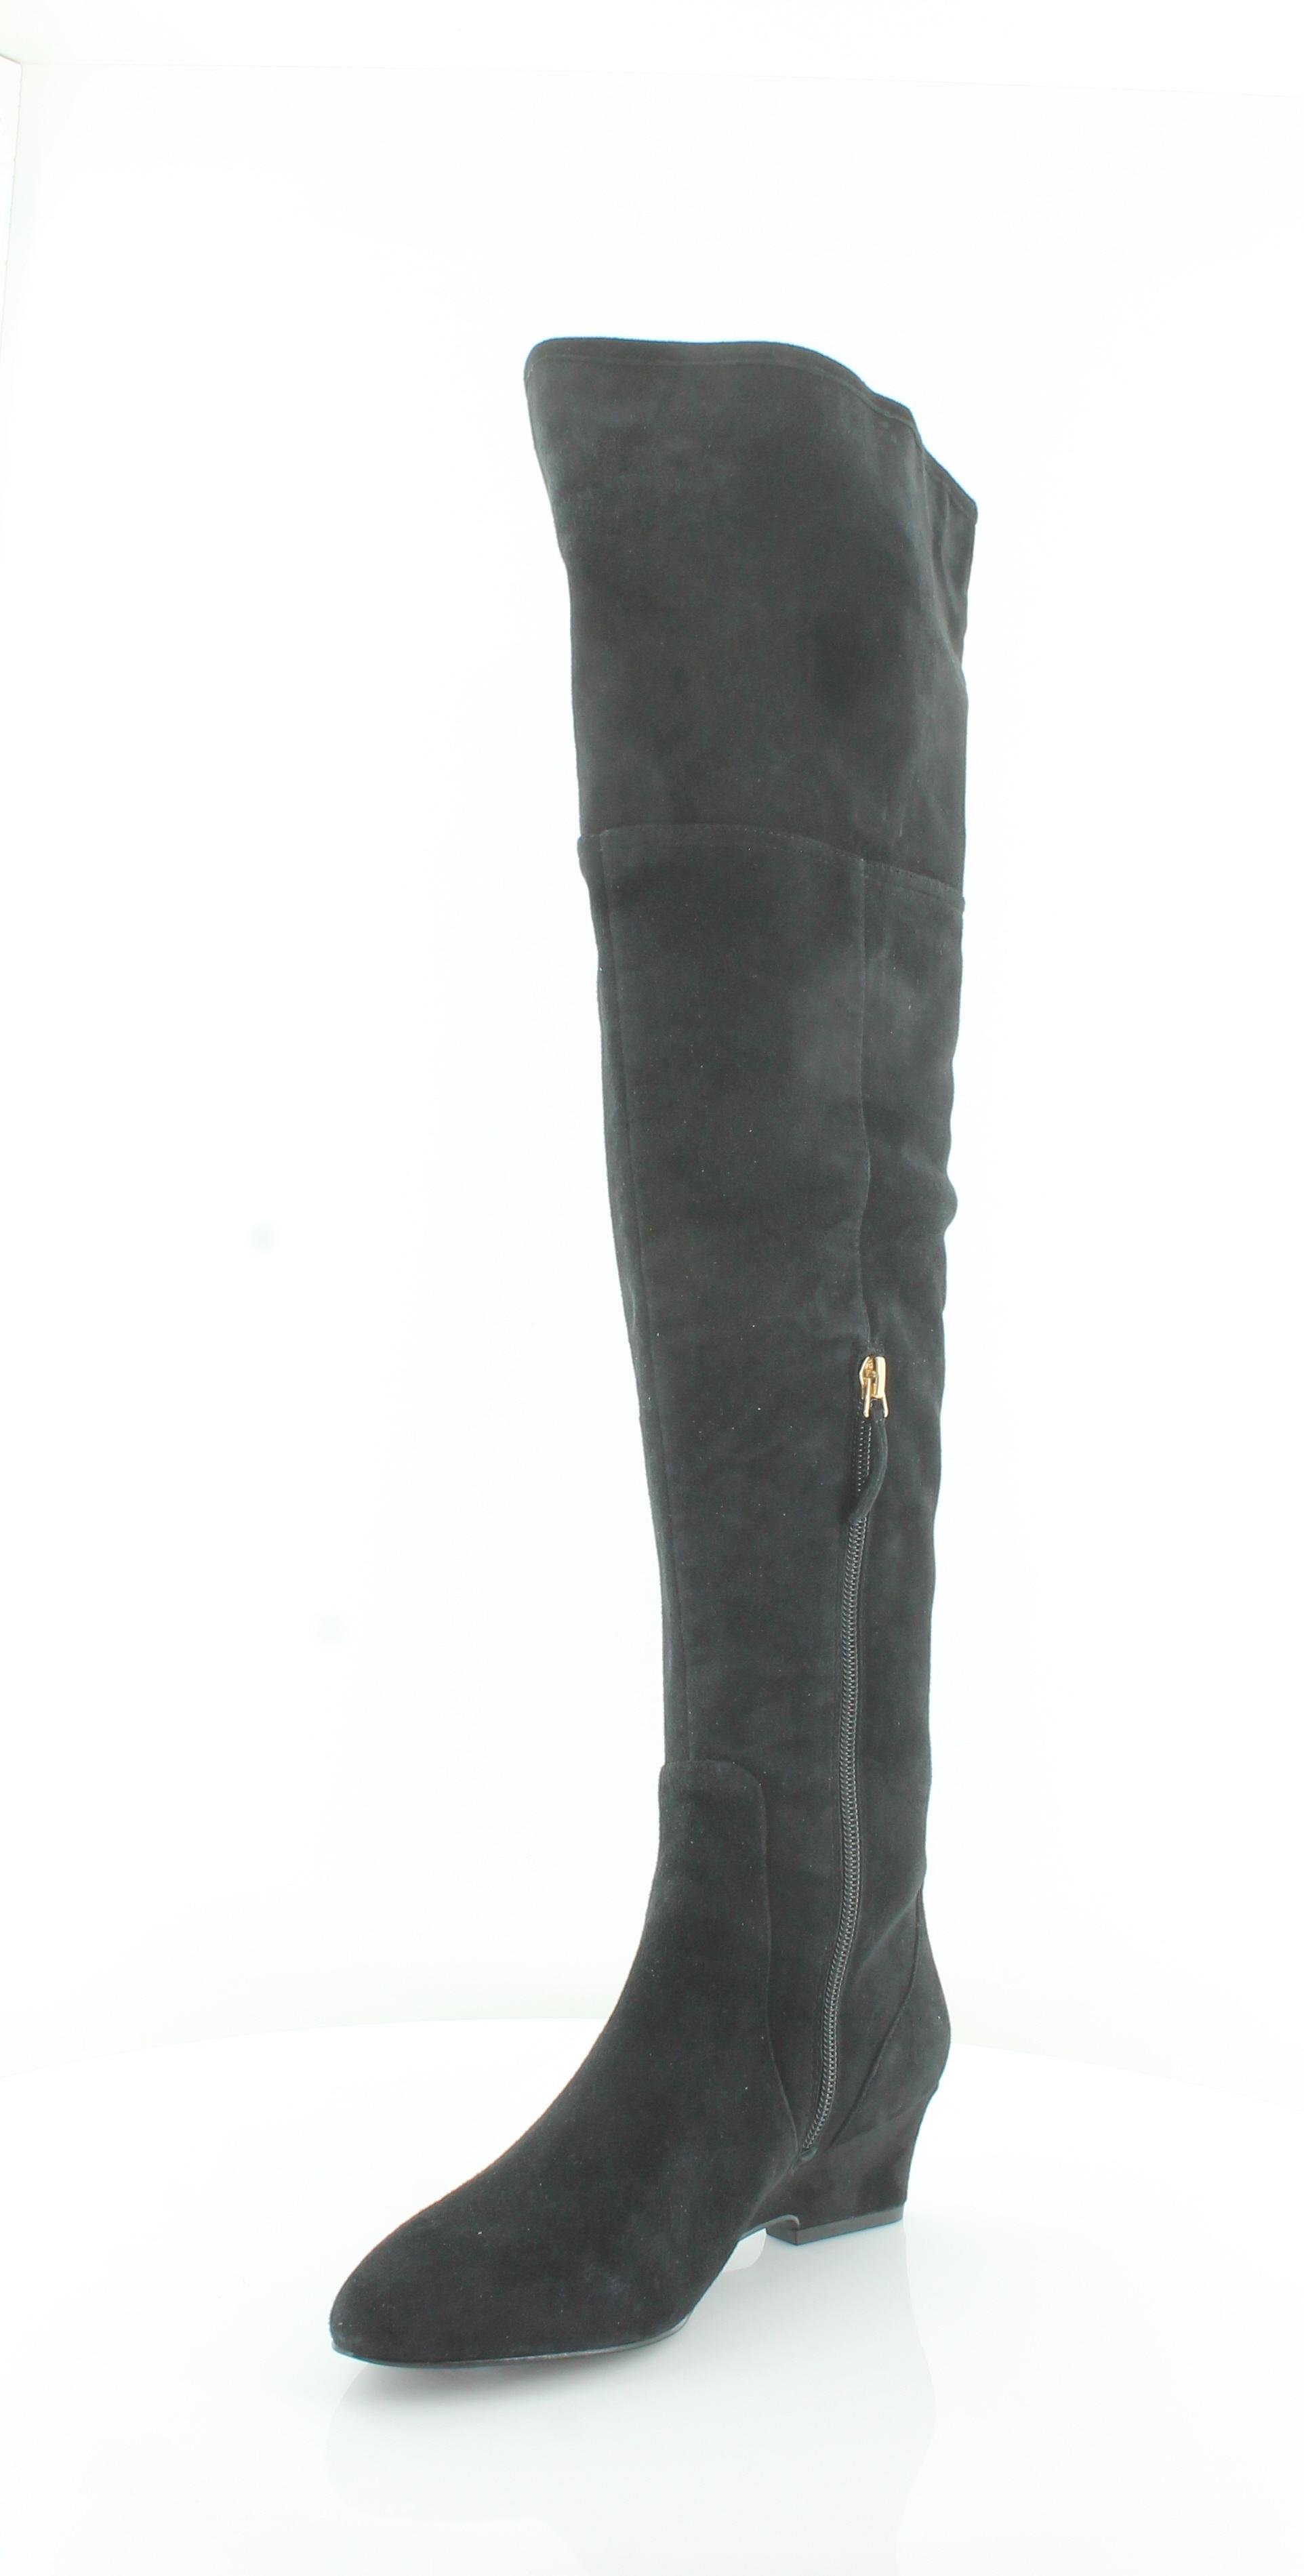 Nine West Jaen Black Womens shoes Size 6.5 M M M Boots MSRP  199 32581a